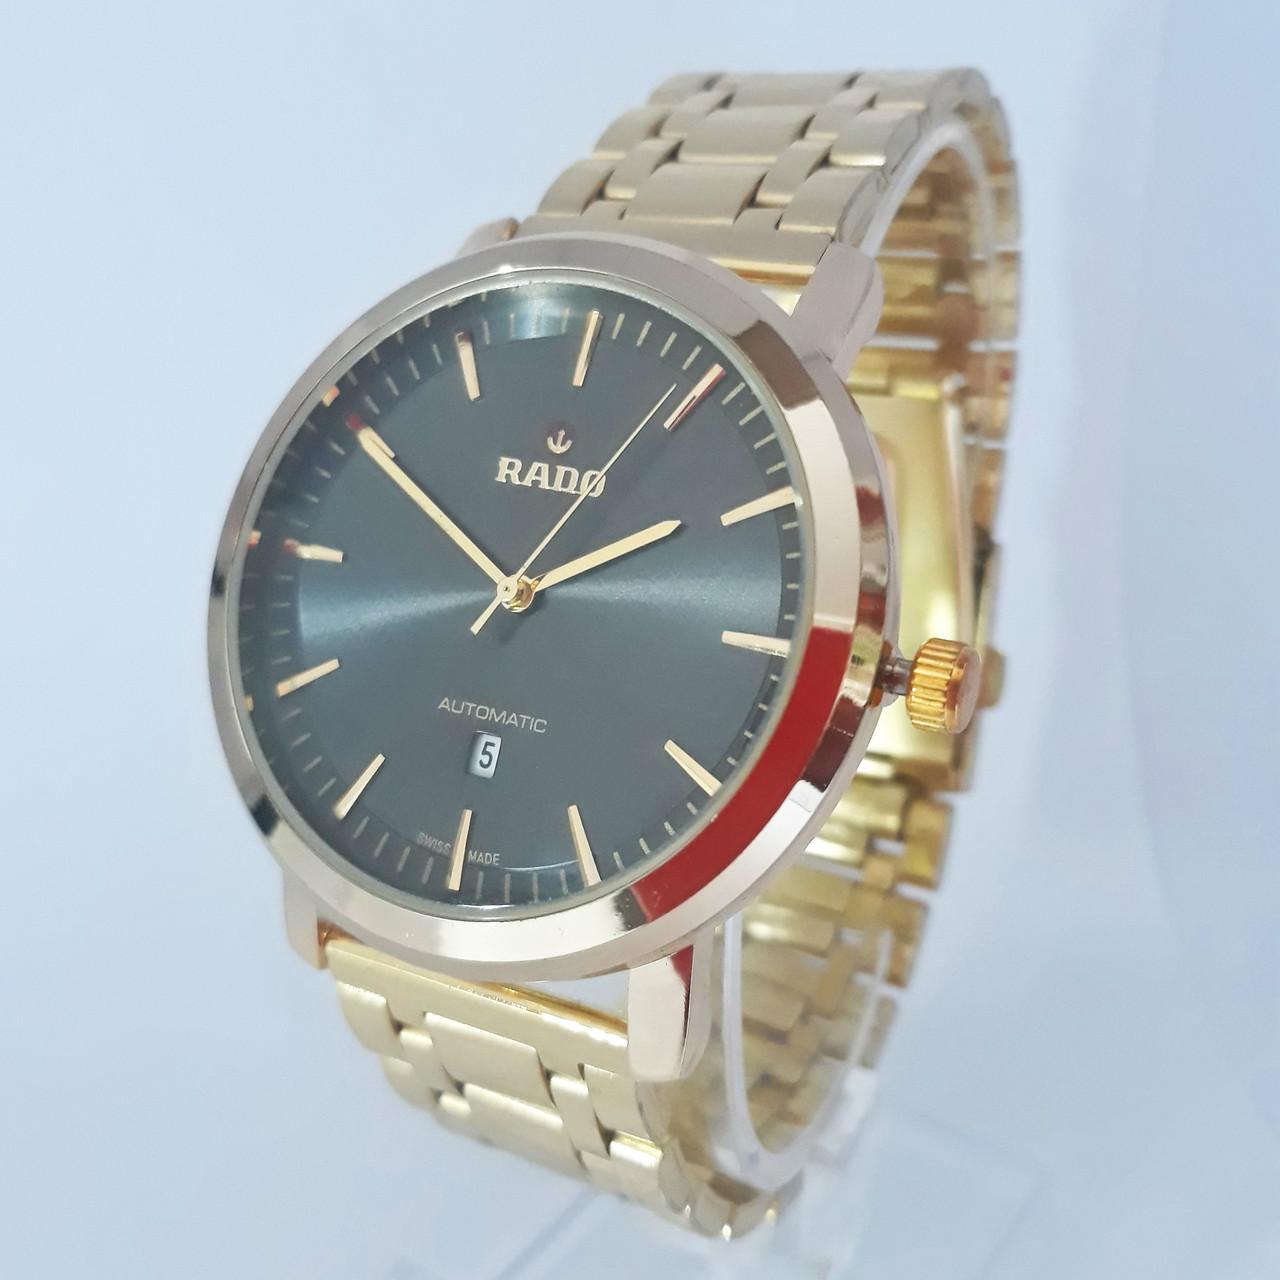 7f0da8f9 Часы Rado B30 gold (копия), цена 296,65 грн., купить в Киеве — Prom ...